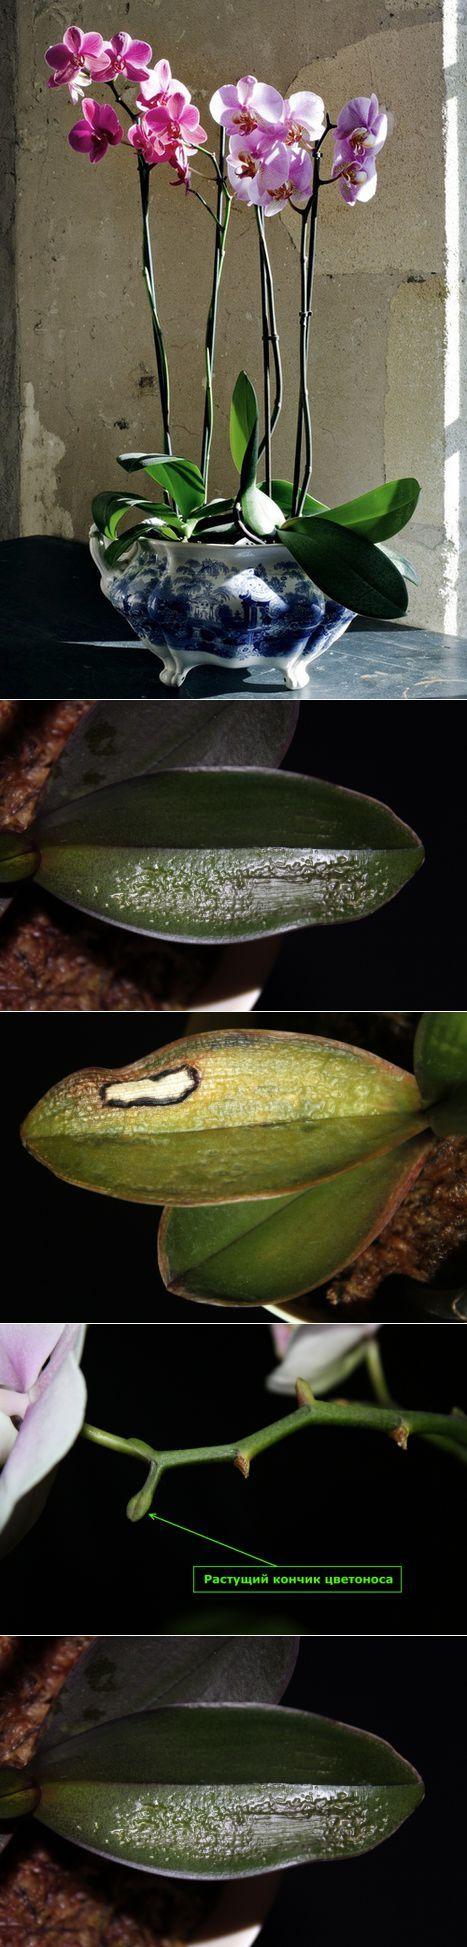 Орхидеи - секреты выращивания.